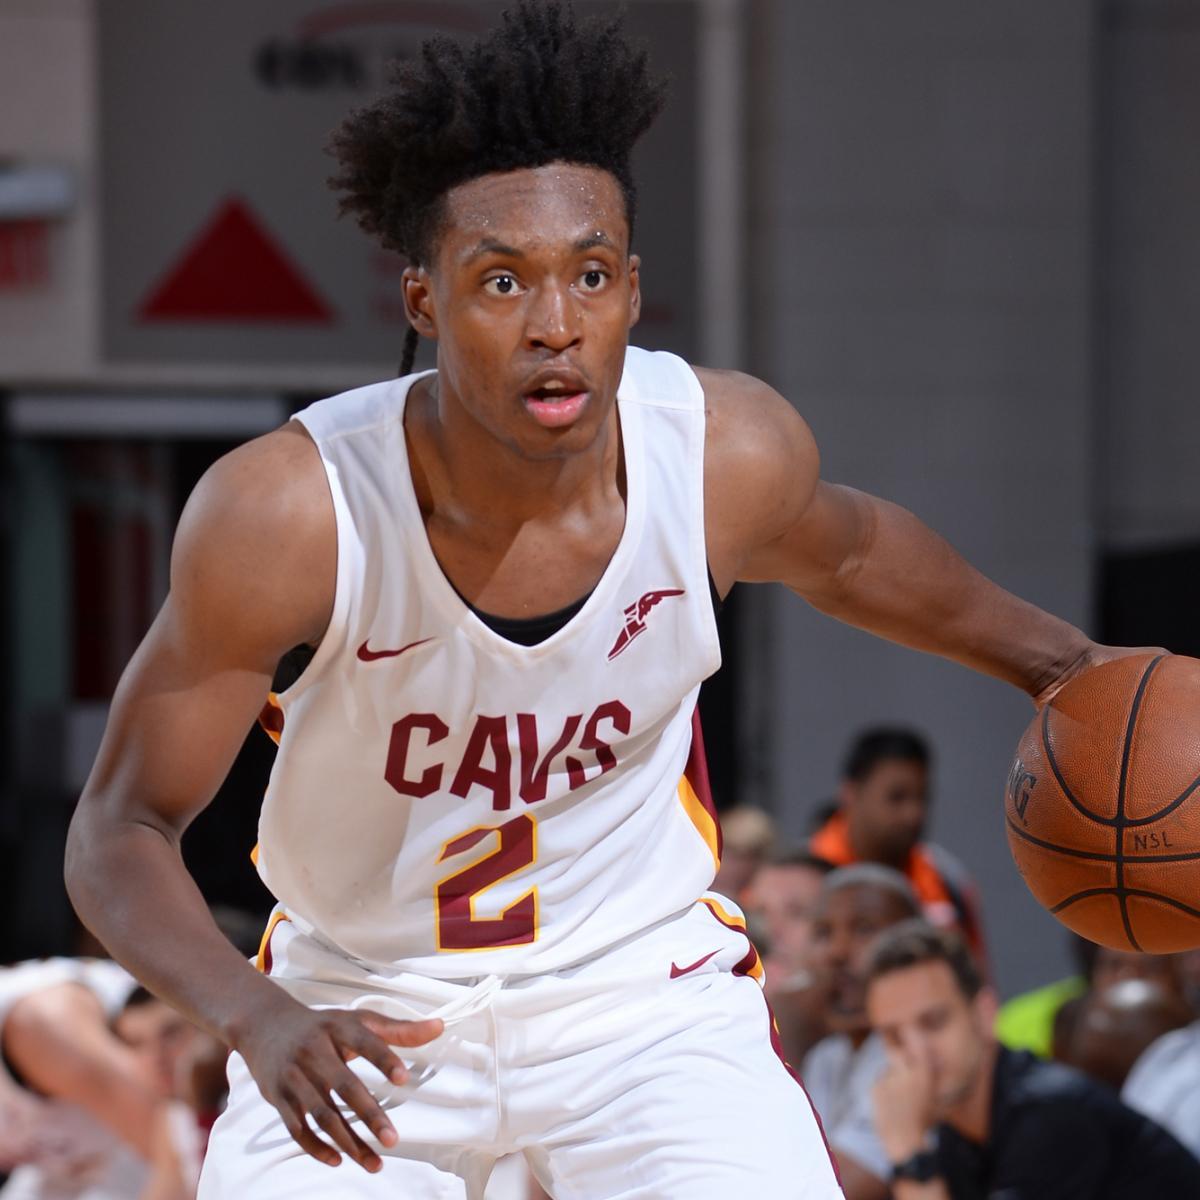 NBA Summer League  Collin Sexton Drops 17 in Cavs Win Despite Shooting  Struggles  8851f0088